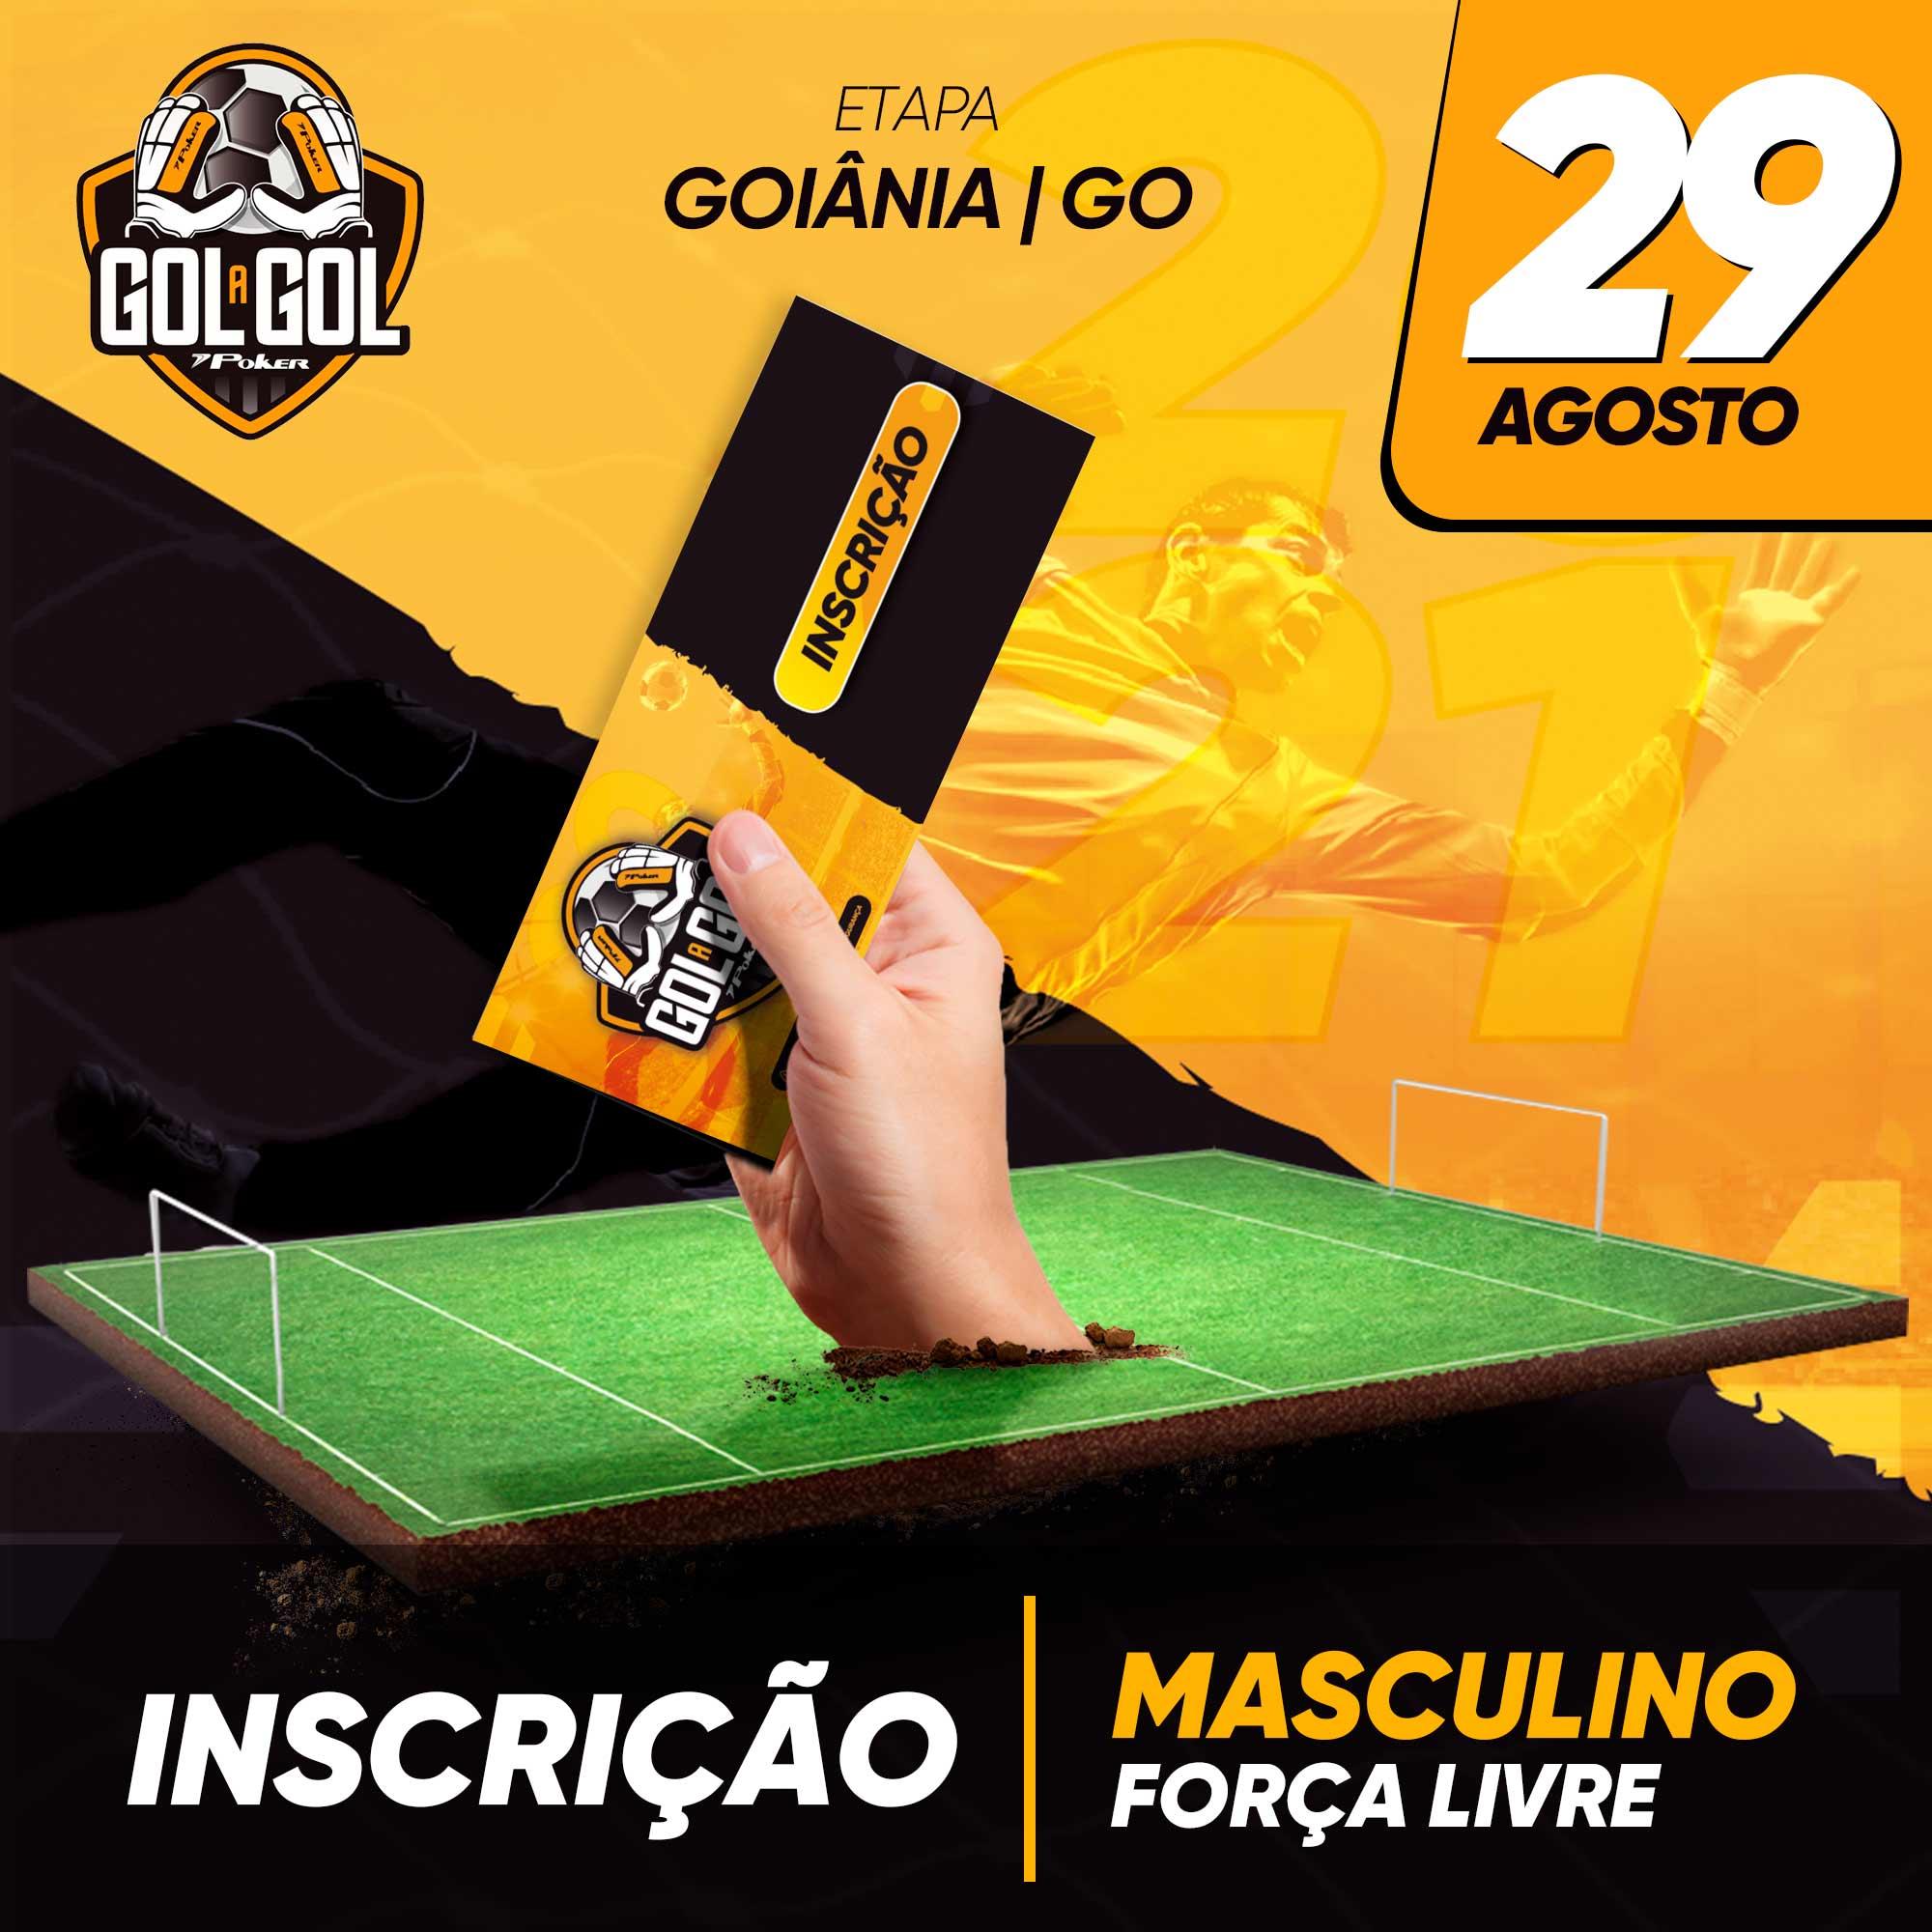 Inscrição (sem luvas) Gol a Gol Goiânia/GO  29/08/2021